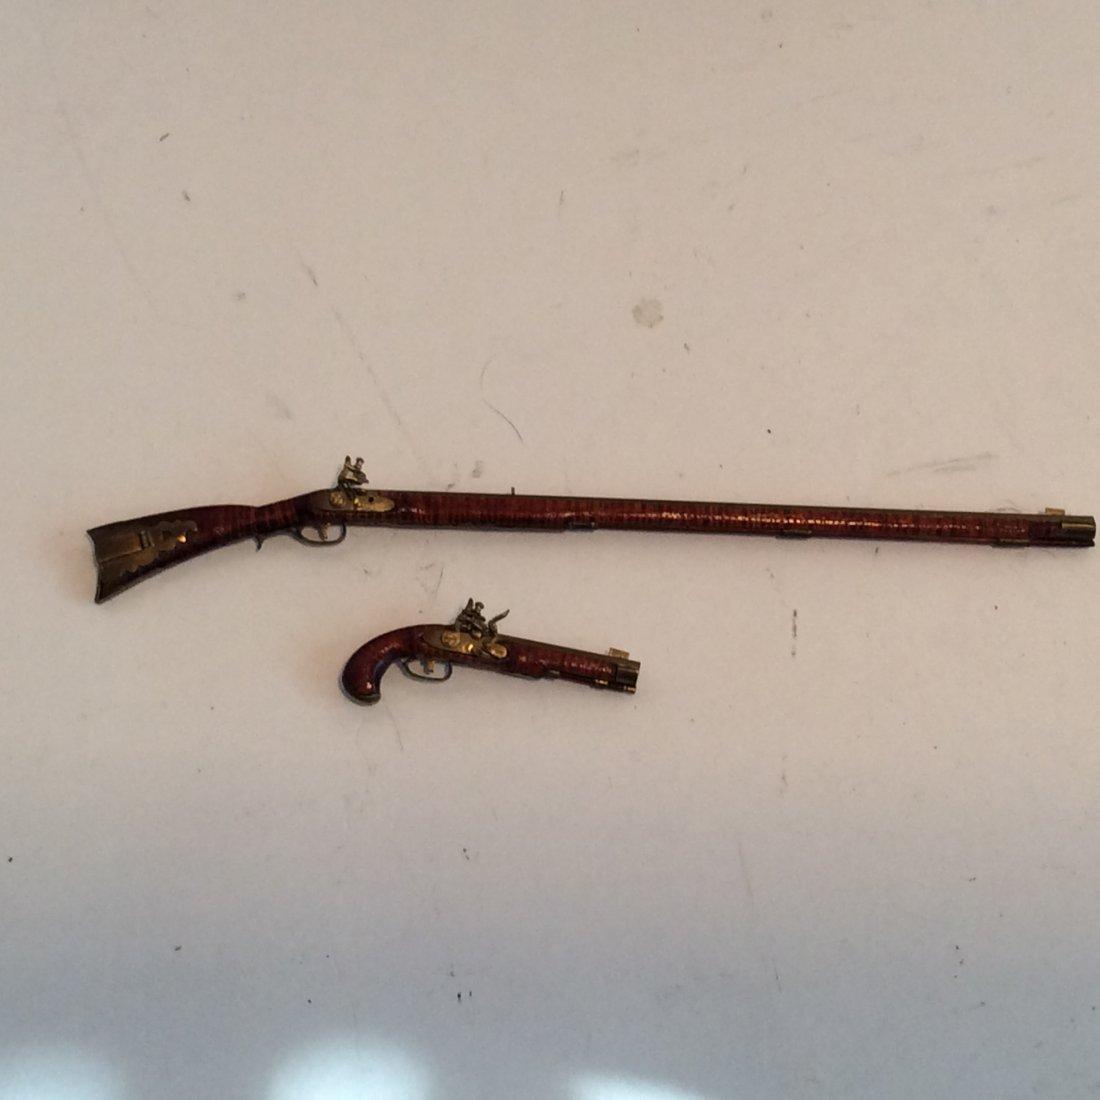 2 Model Guns Kentucky Long Rifle and Pistol 2/12 - 4